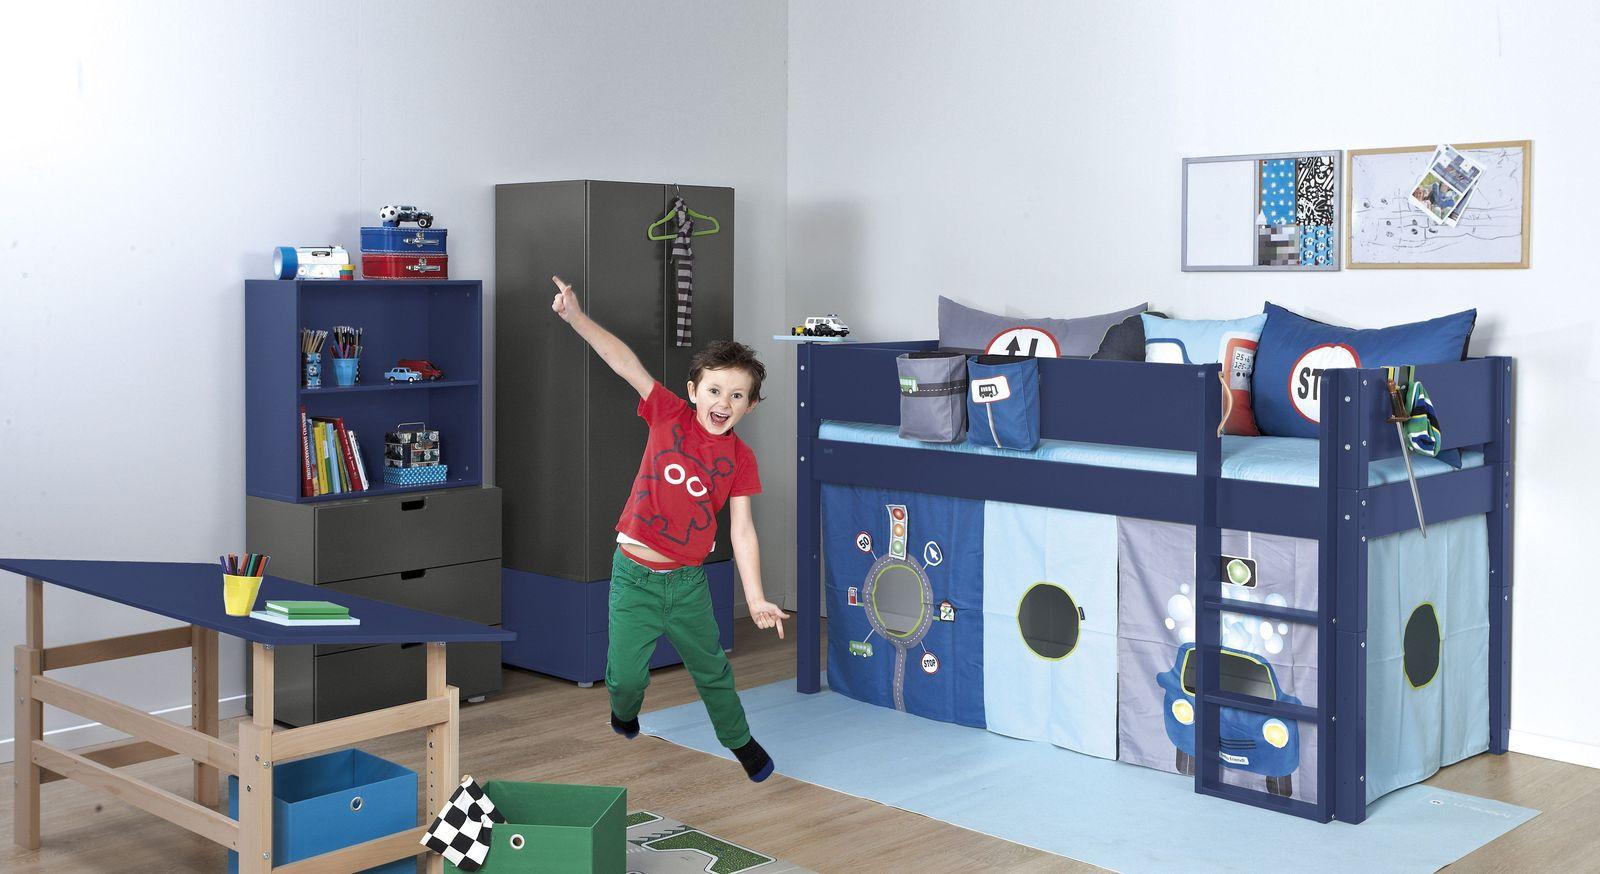 Regale Kids Town Color mit passender Kinderzimmer-Einrichtung